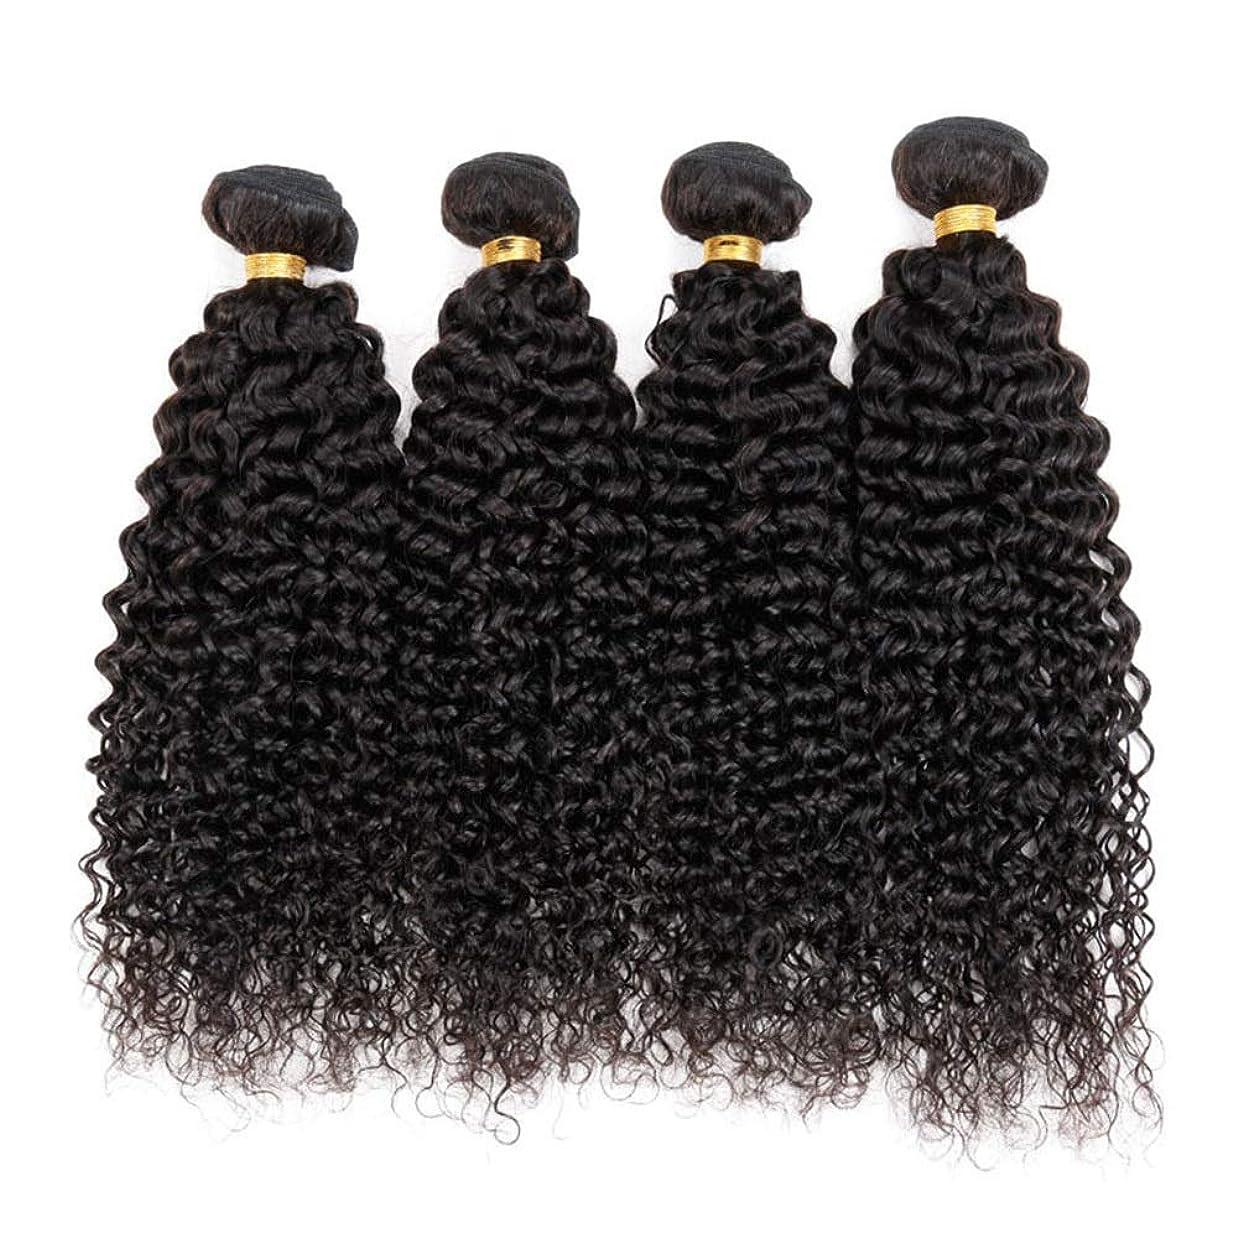 コンパスクックにじみ出るかつら ブラジルの変態巻き毛の束100%未処理の人間の毛髪の拡張子深い巻き毛50グラム/バンドルナチュラルブラック小さな巻き毛のかつら (色 : 黒, サイズ : 28 inch)